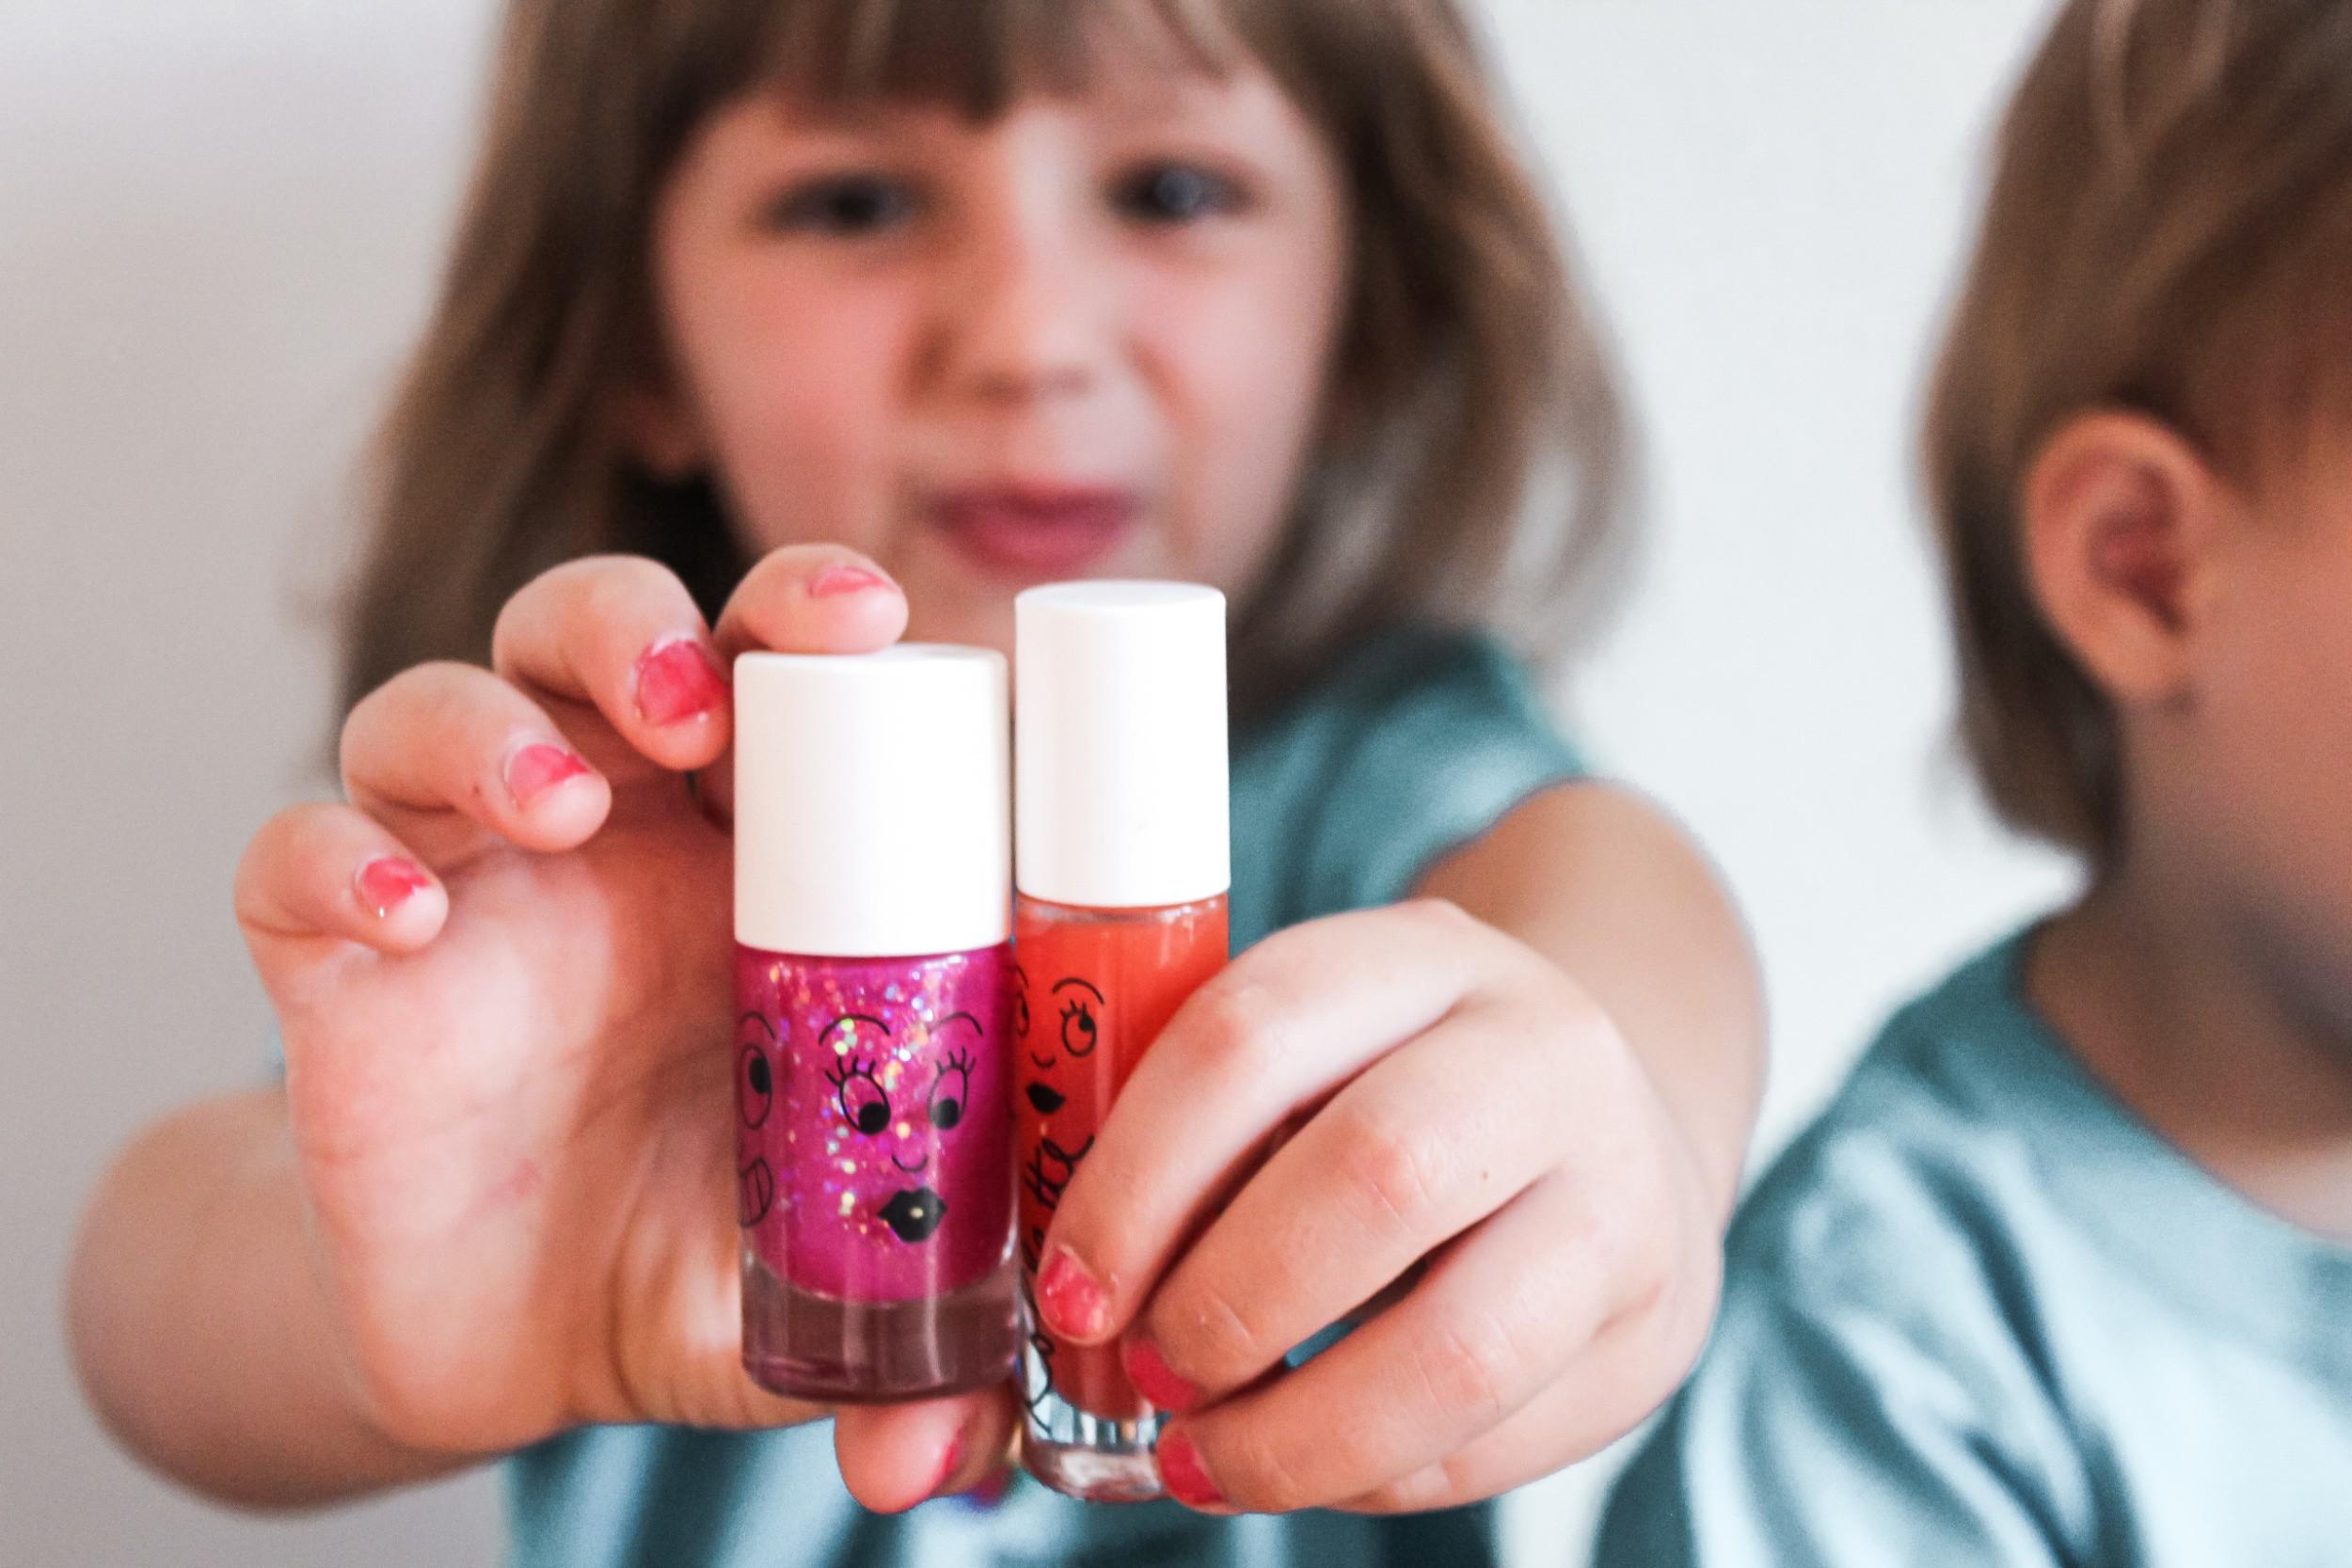 Eco-friendly kids cosmetics